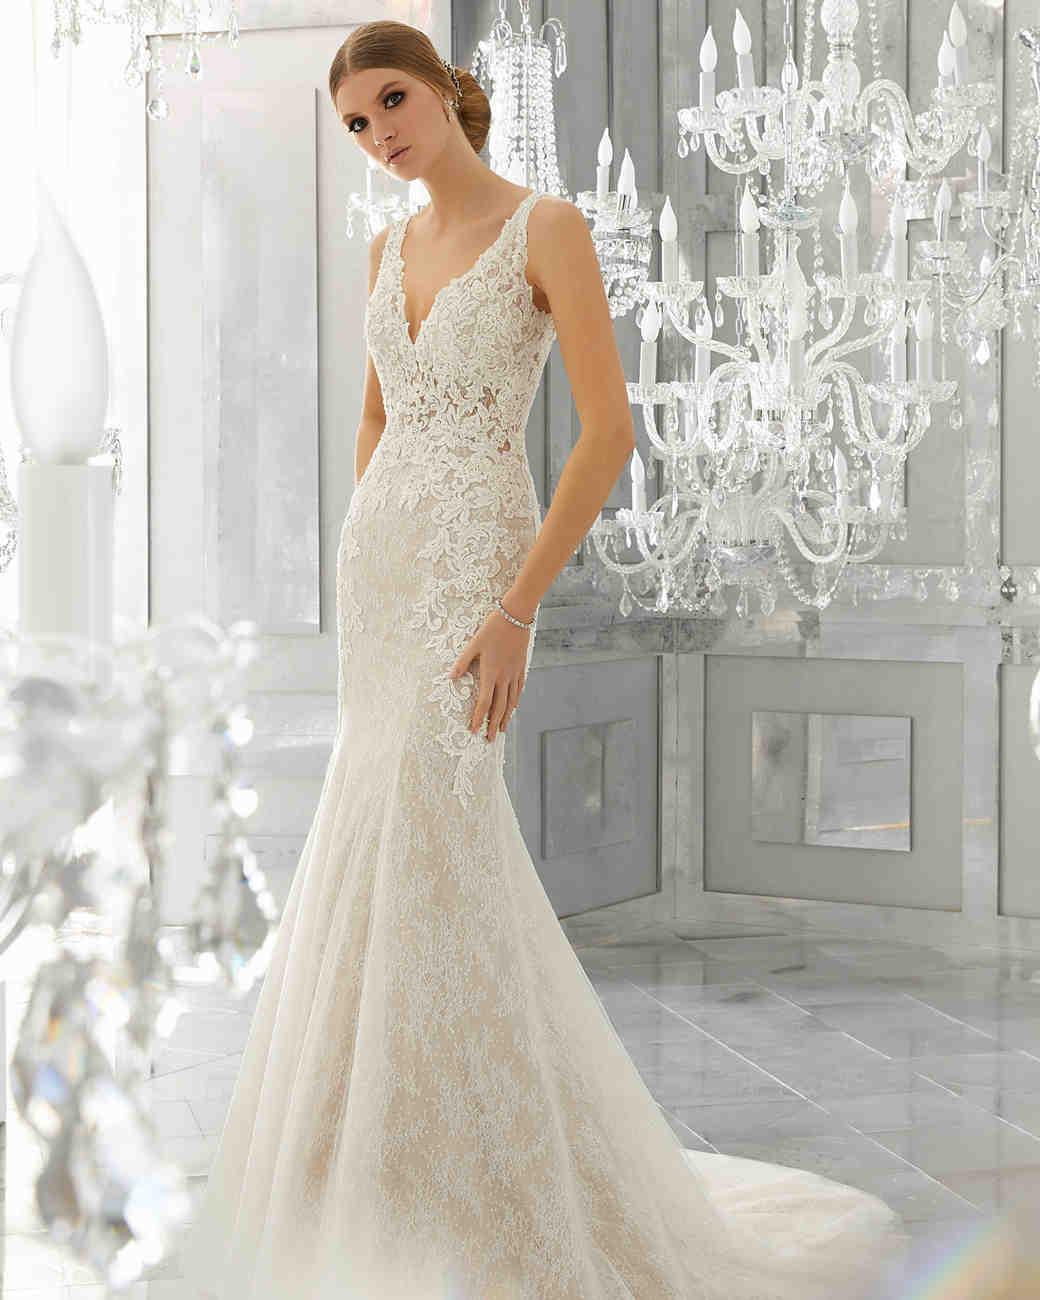 morilee wedding dress spring 2018 v-neck embroidered trumpet